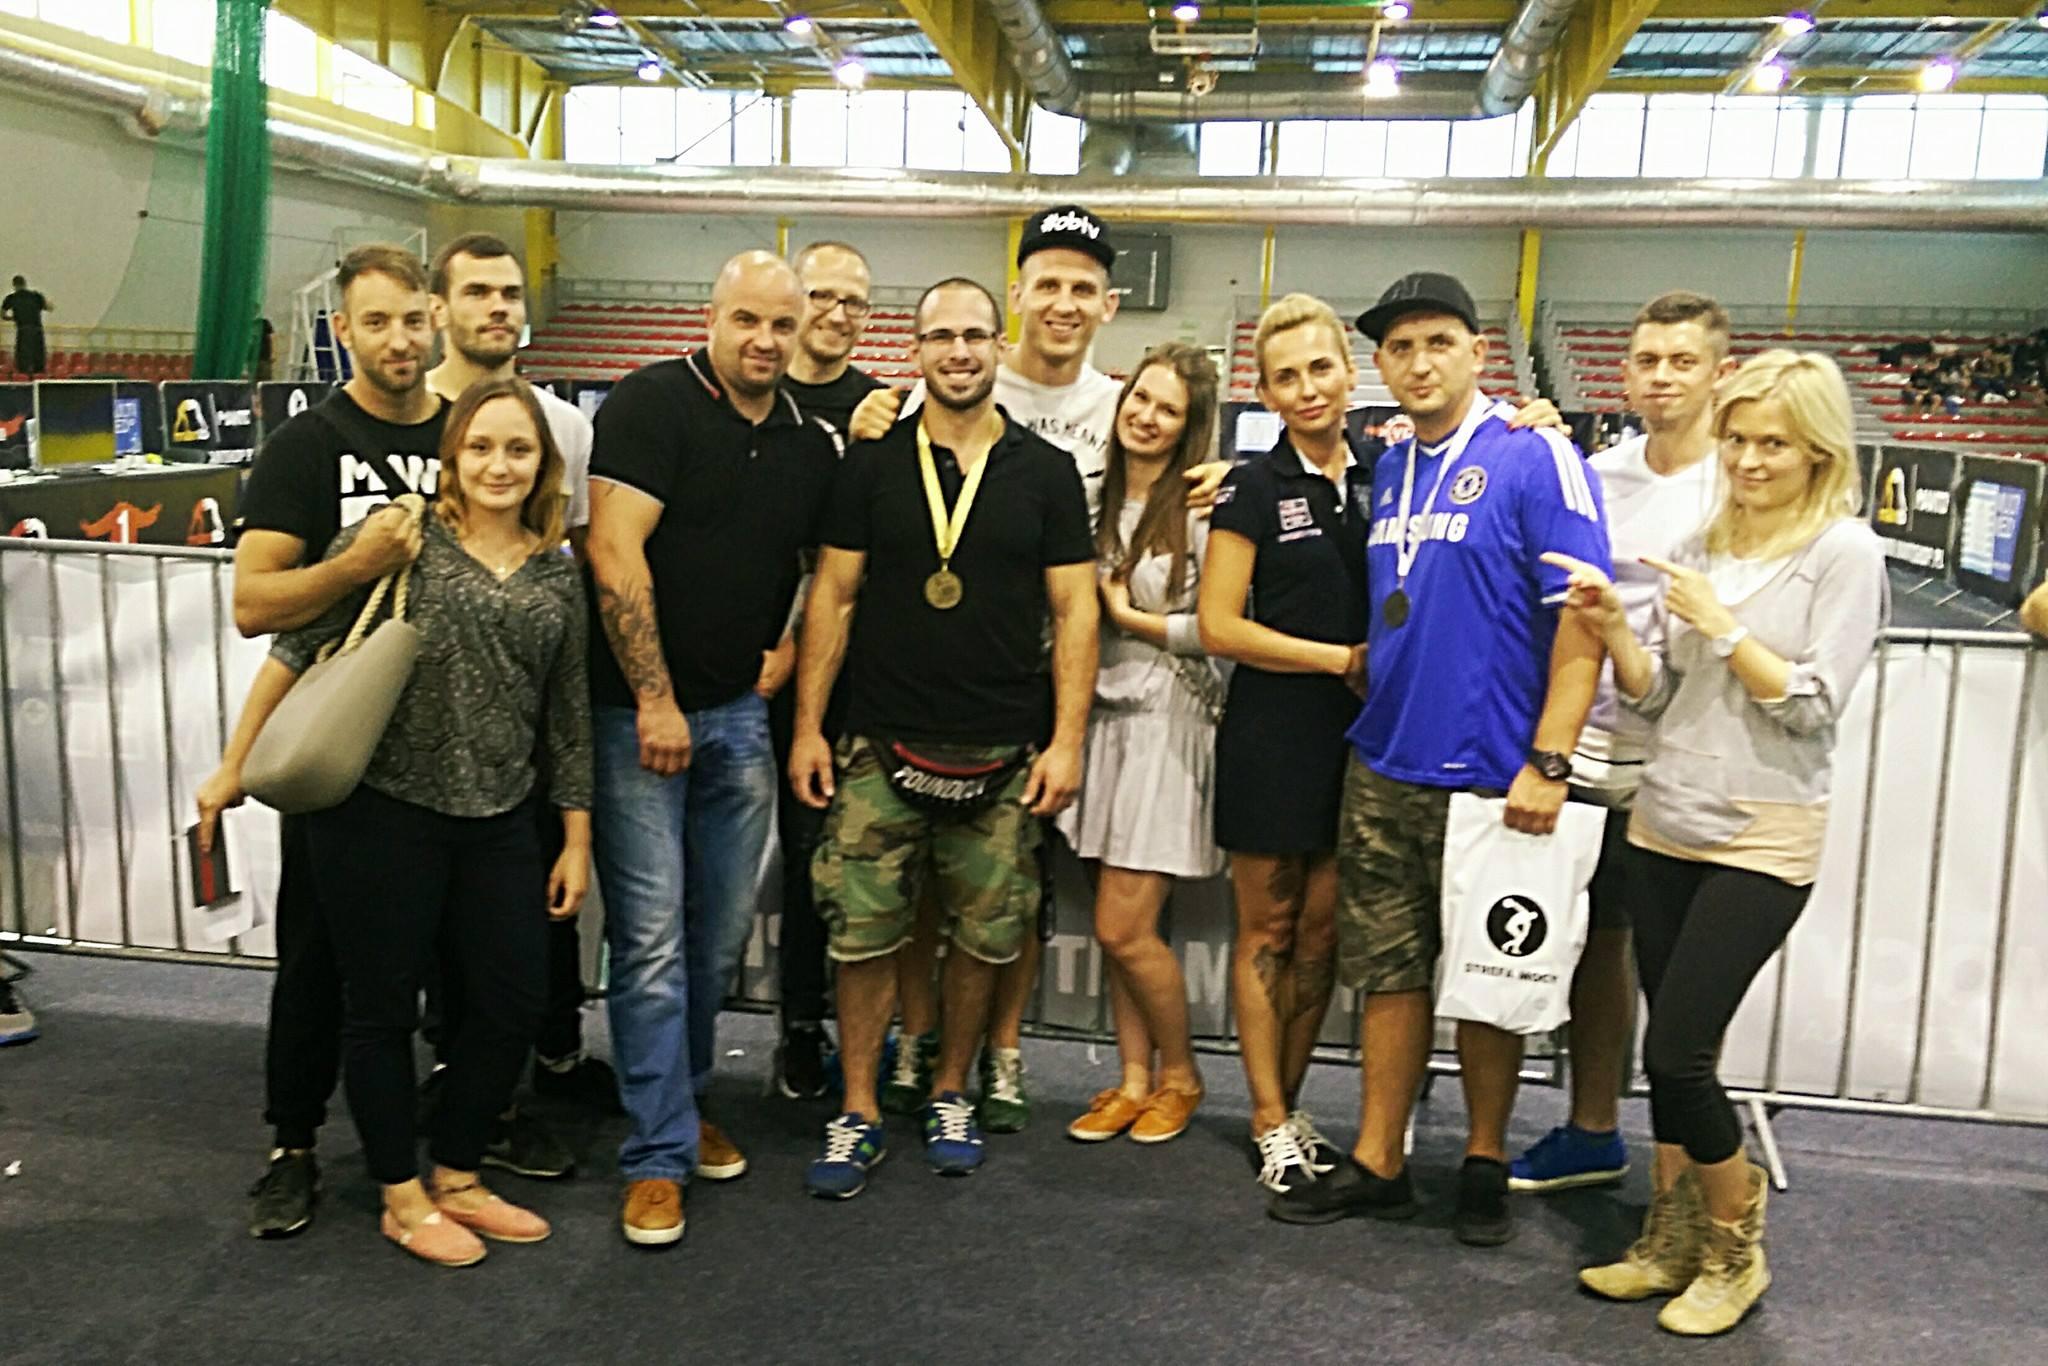 Chaos Gold Team na zawodach brazylijskiego jiu-jitsu